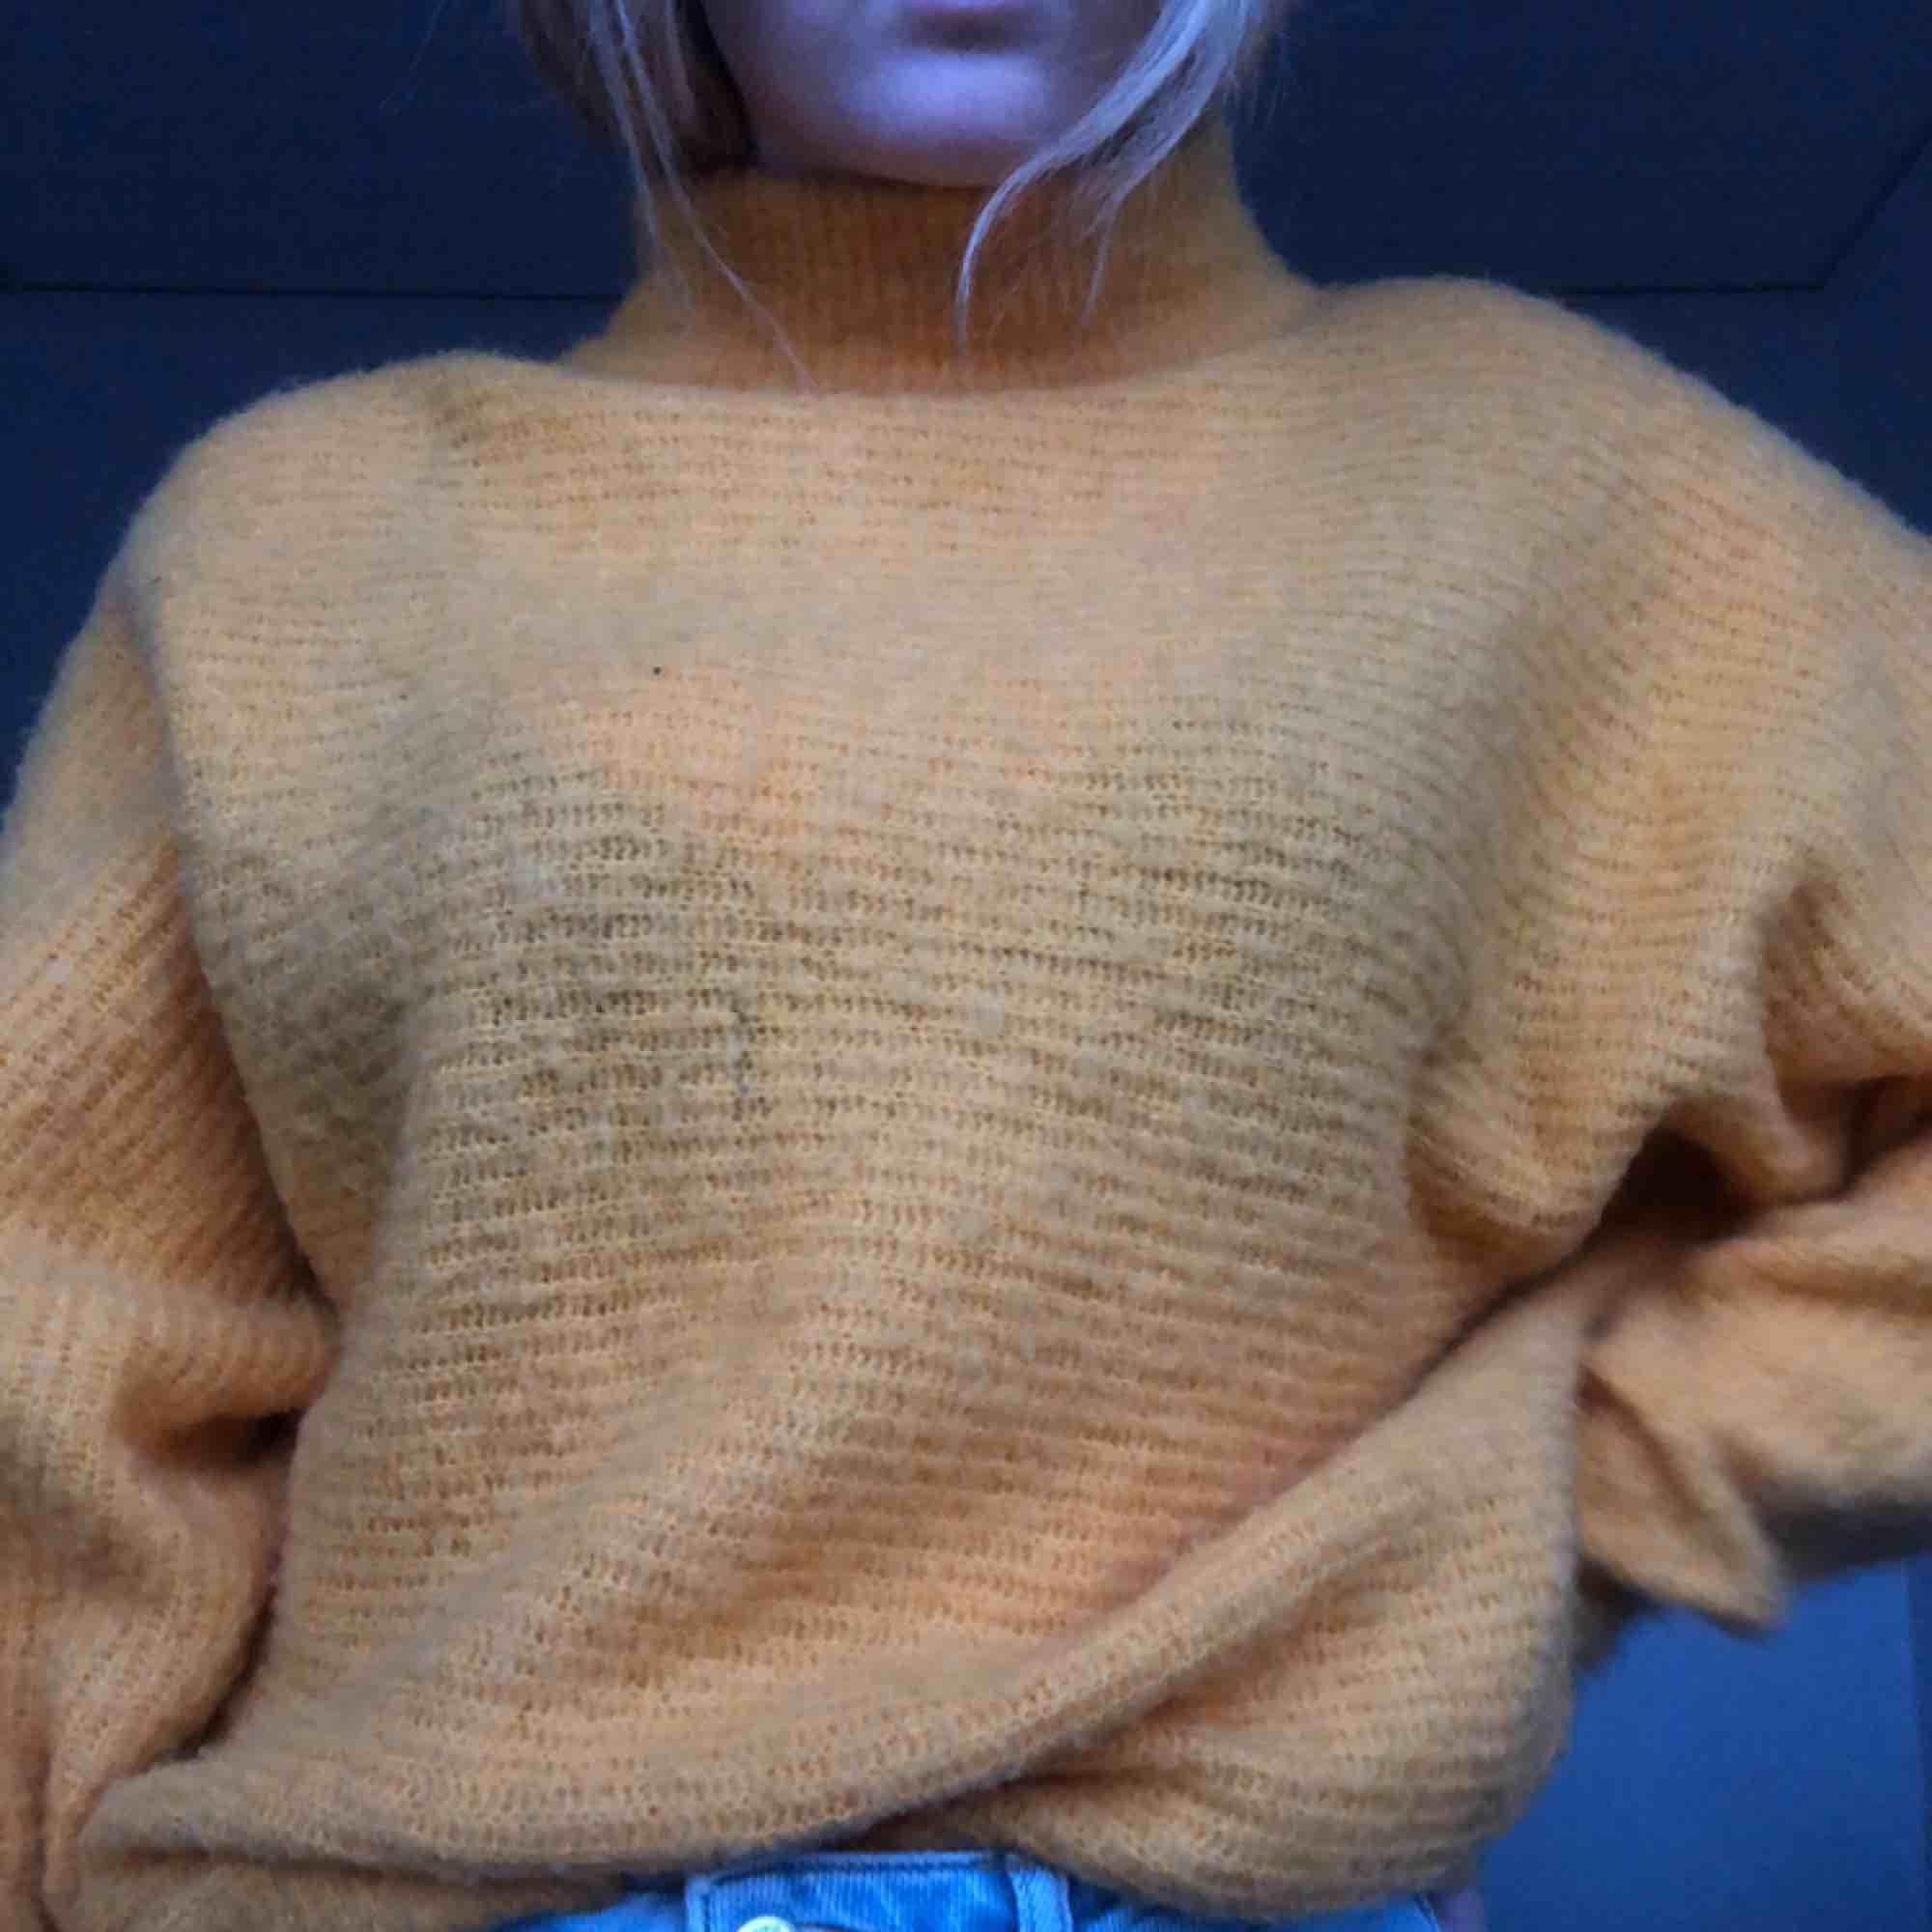 En jätte mysig gul stickad tröja ifrån Nakd. Den är i stl XS men ska vara lite oversized så passar även S och säkert M. Bild 2 ger inte en rättvis bild av färgen då den är mer som på bild 1. Köparen står för frakten som ligger på 60 kr ☺️. Stickat.